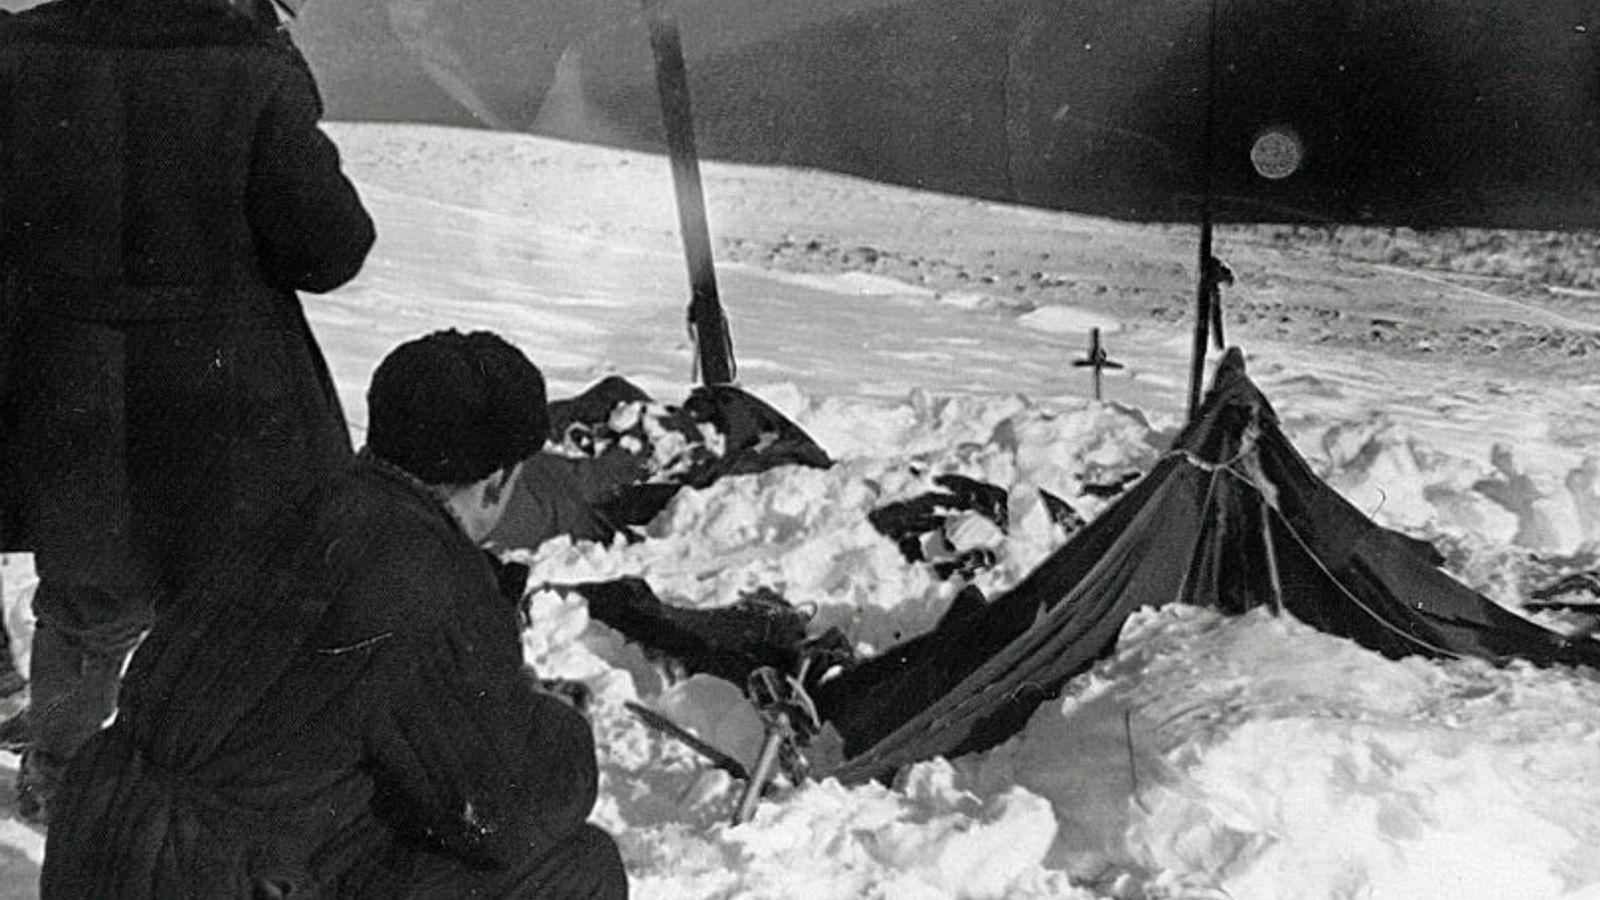 Sowjetische Ermittler untersuchen am 26. Februar 1959 das Zelt der Expeditionsgruppe vom Djatlow-Pass.